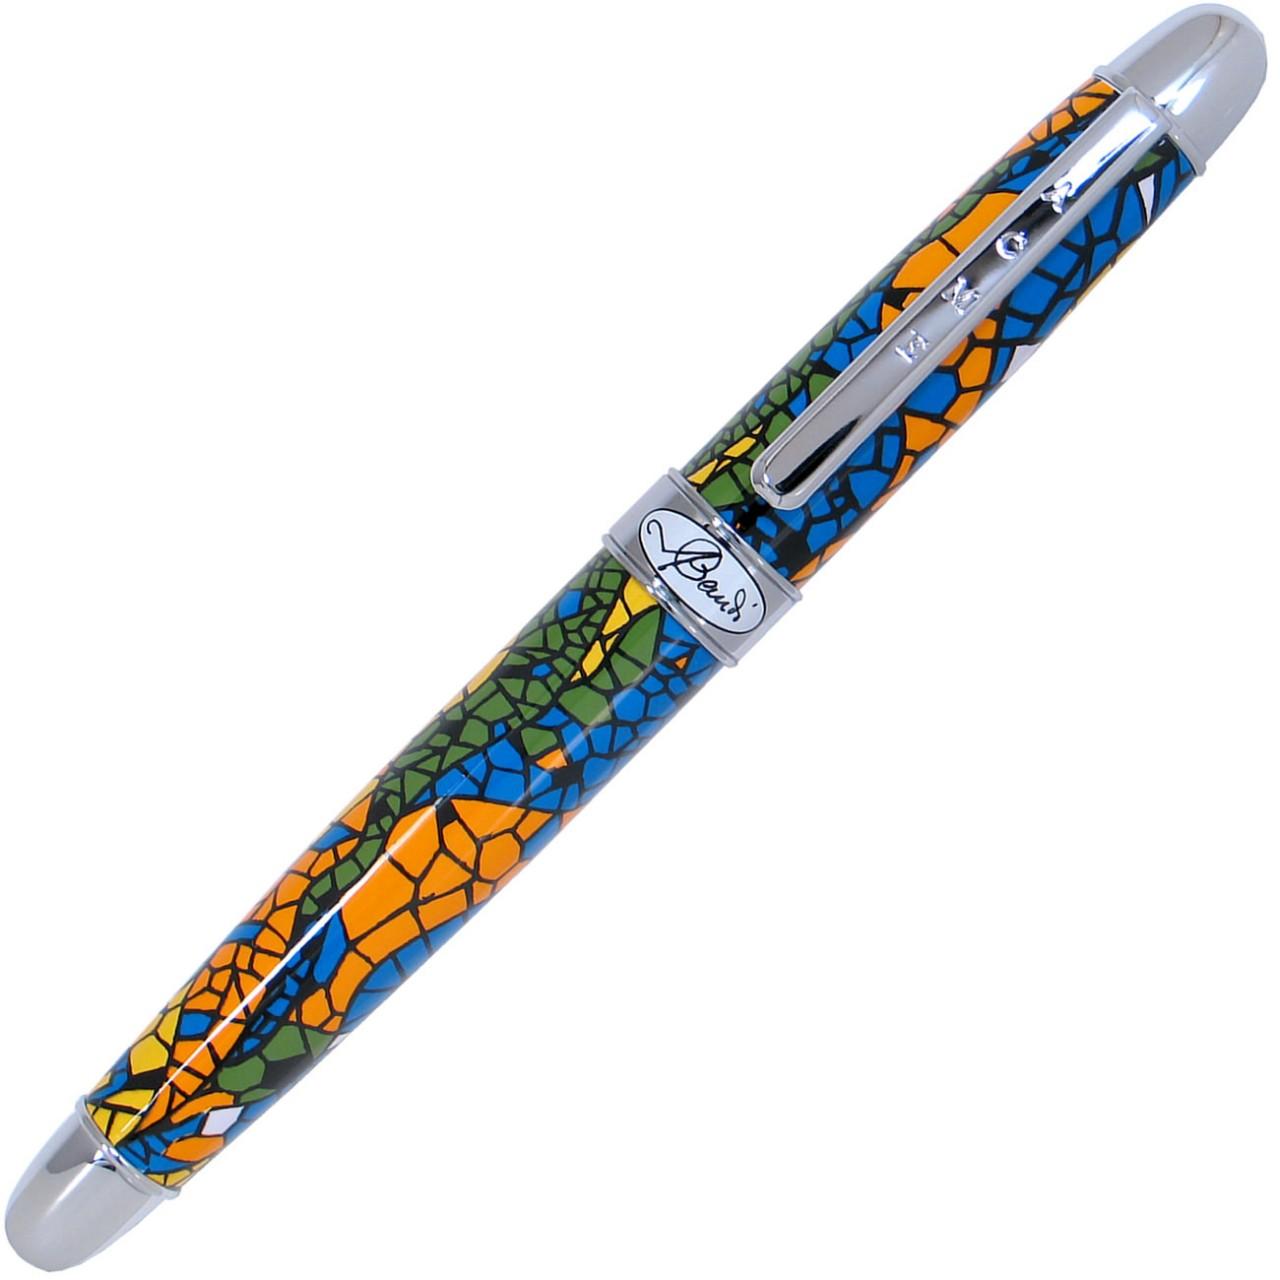 ACME Mosaic Standard Roller